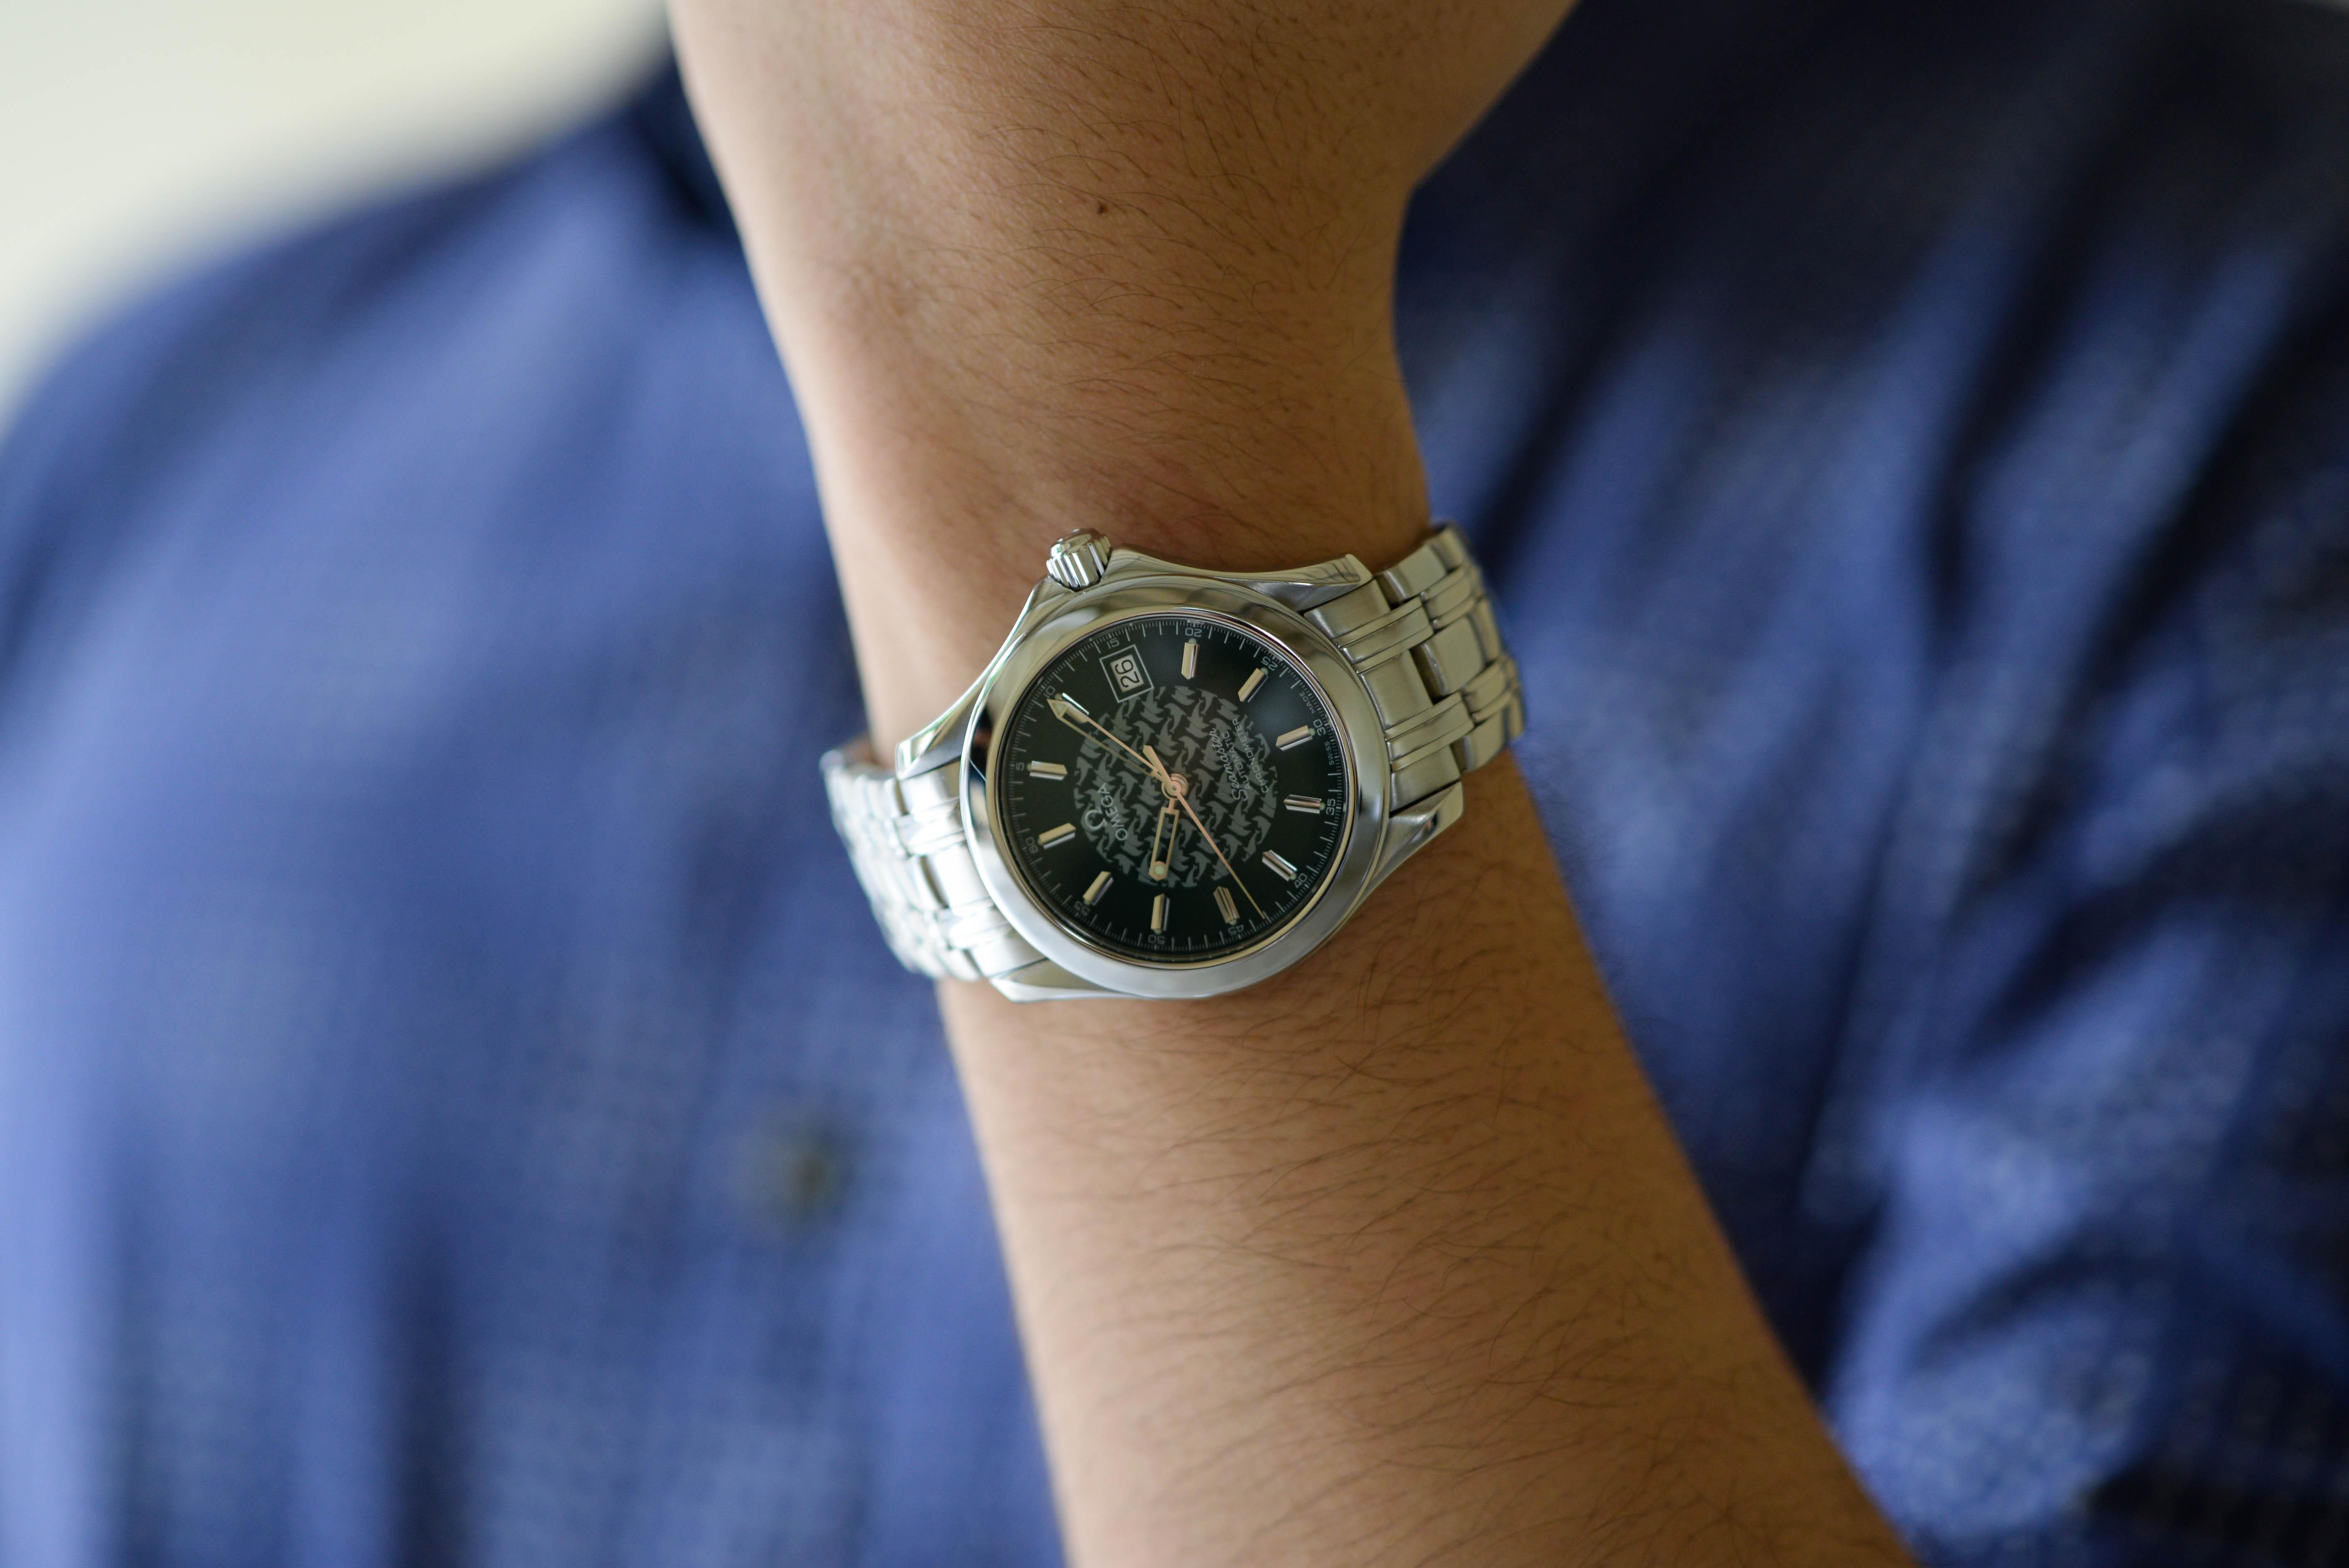 製造動画に感動して腕時計に興味をもった